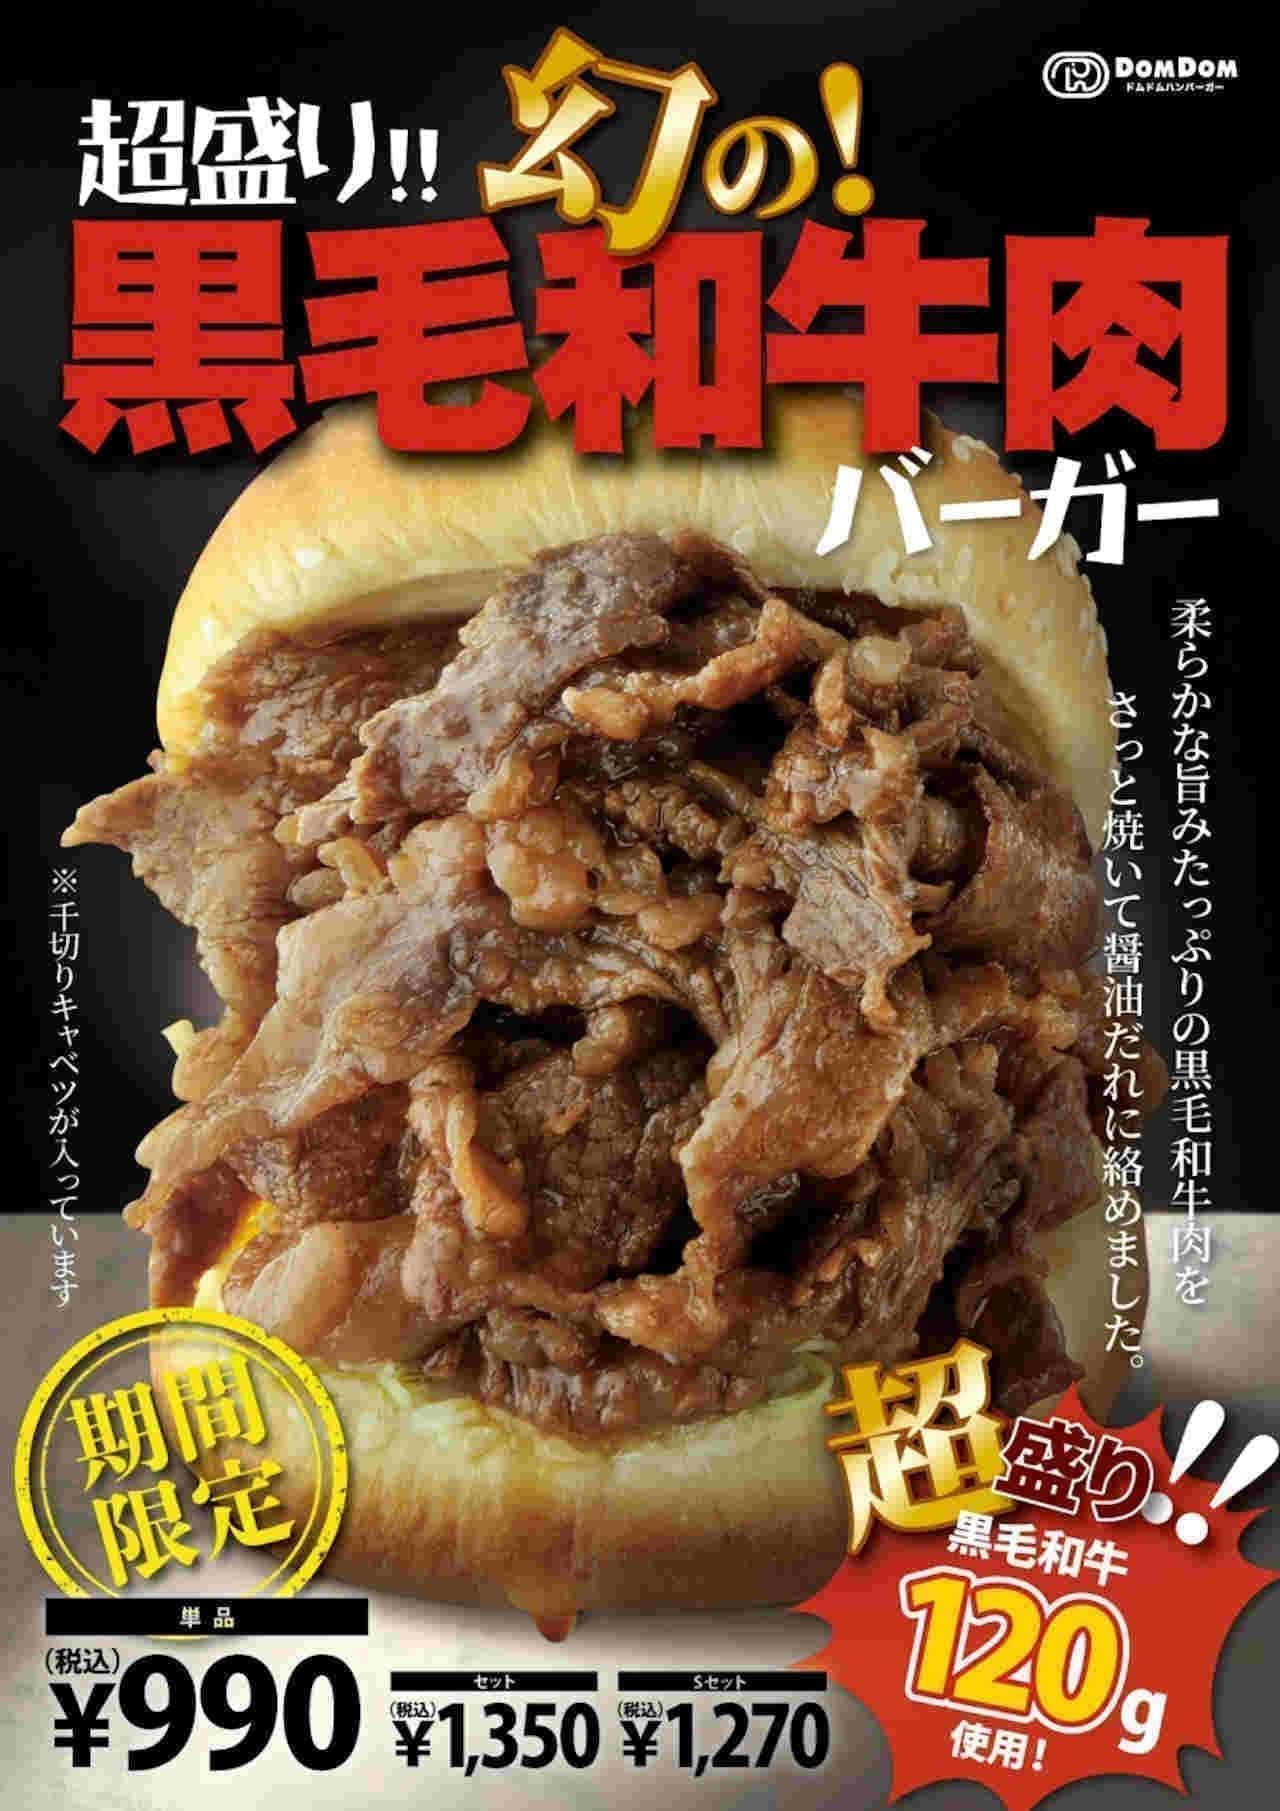 ドムドムに期間限定「超盛り!!幻の!黒毛和牛肉バーガー」